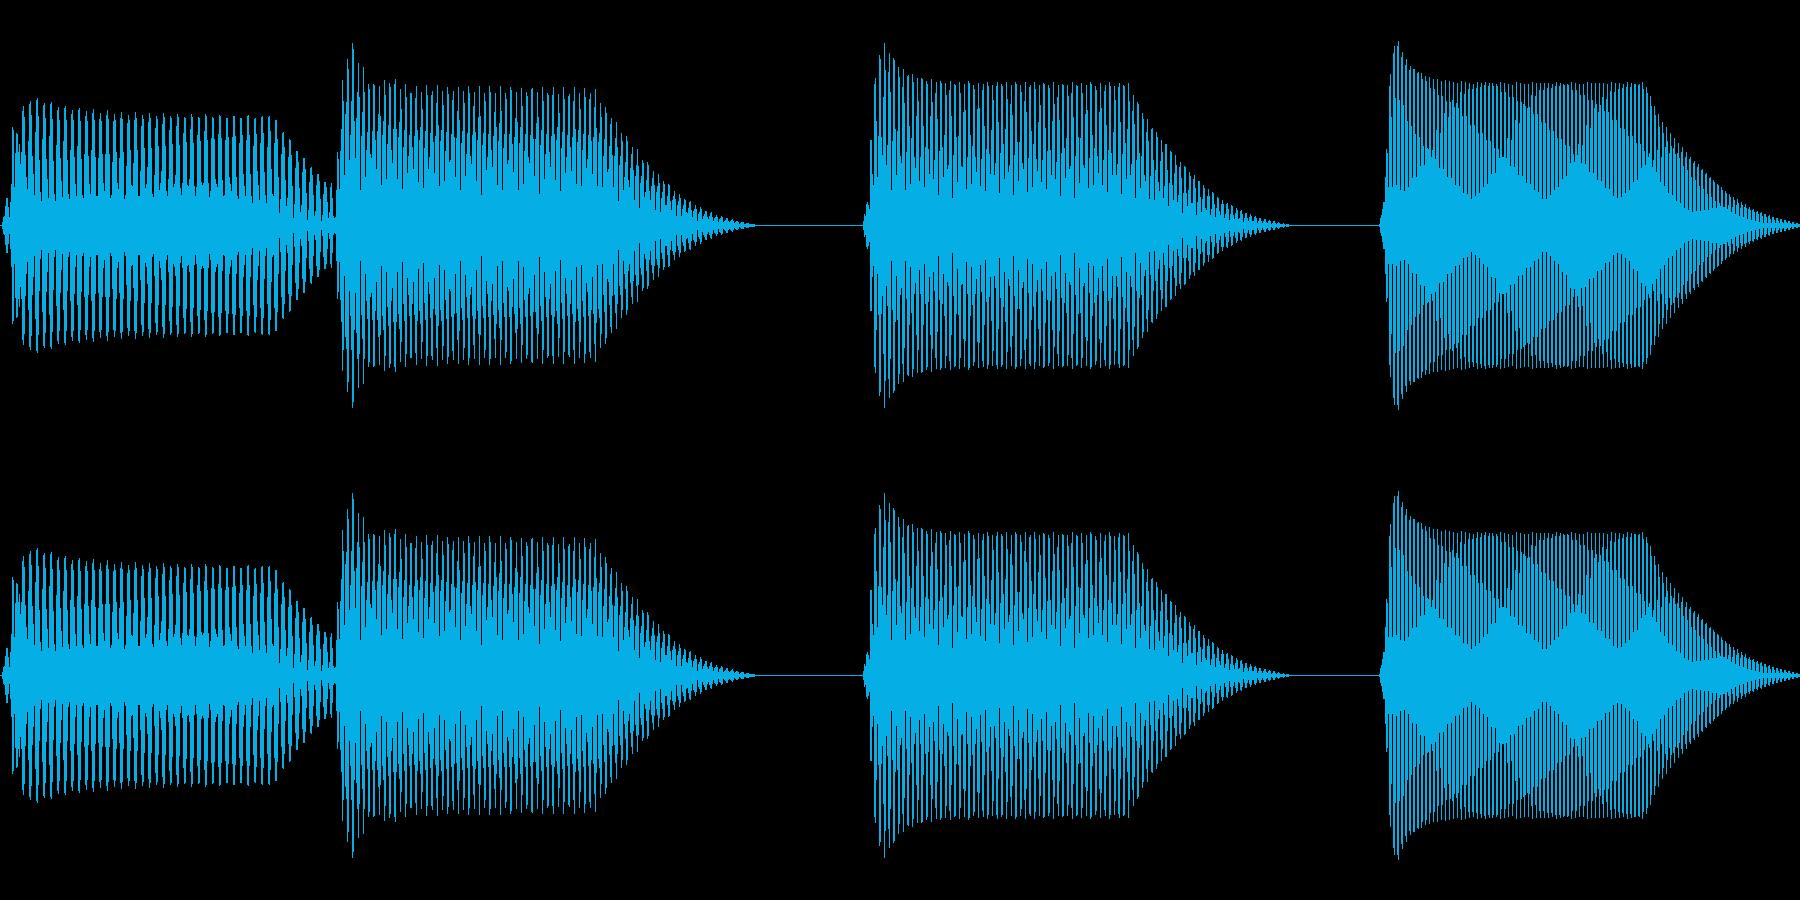 往年のRPG風 コマンド音 シリーズ 4の再生済みの波形